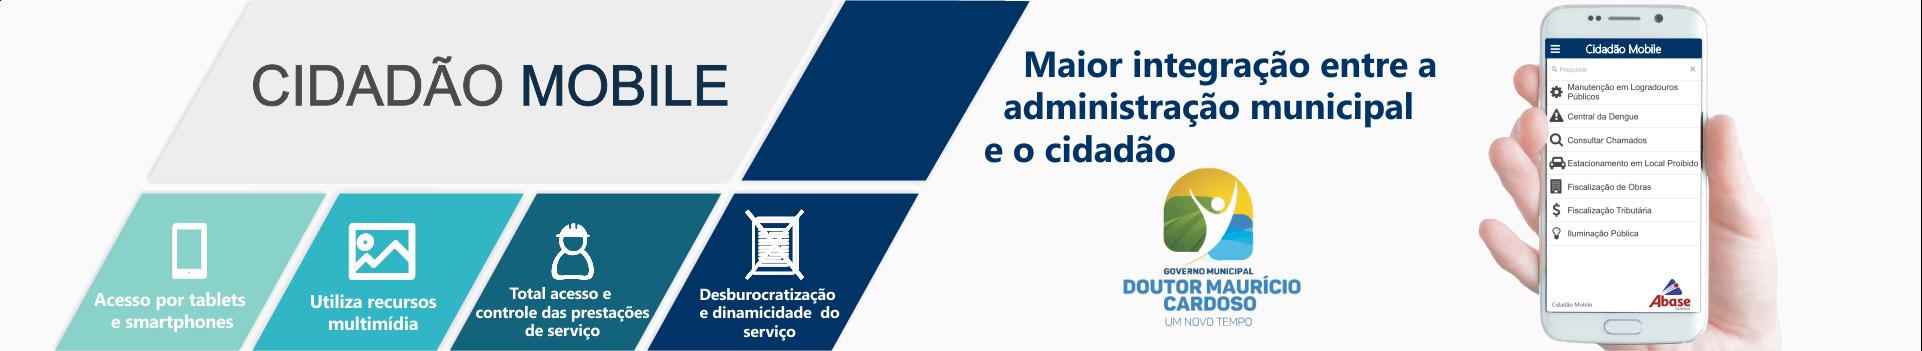 Prefeitura de Doutor Maurício Cardoso - RS